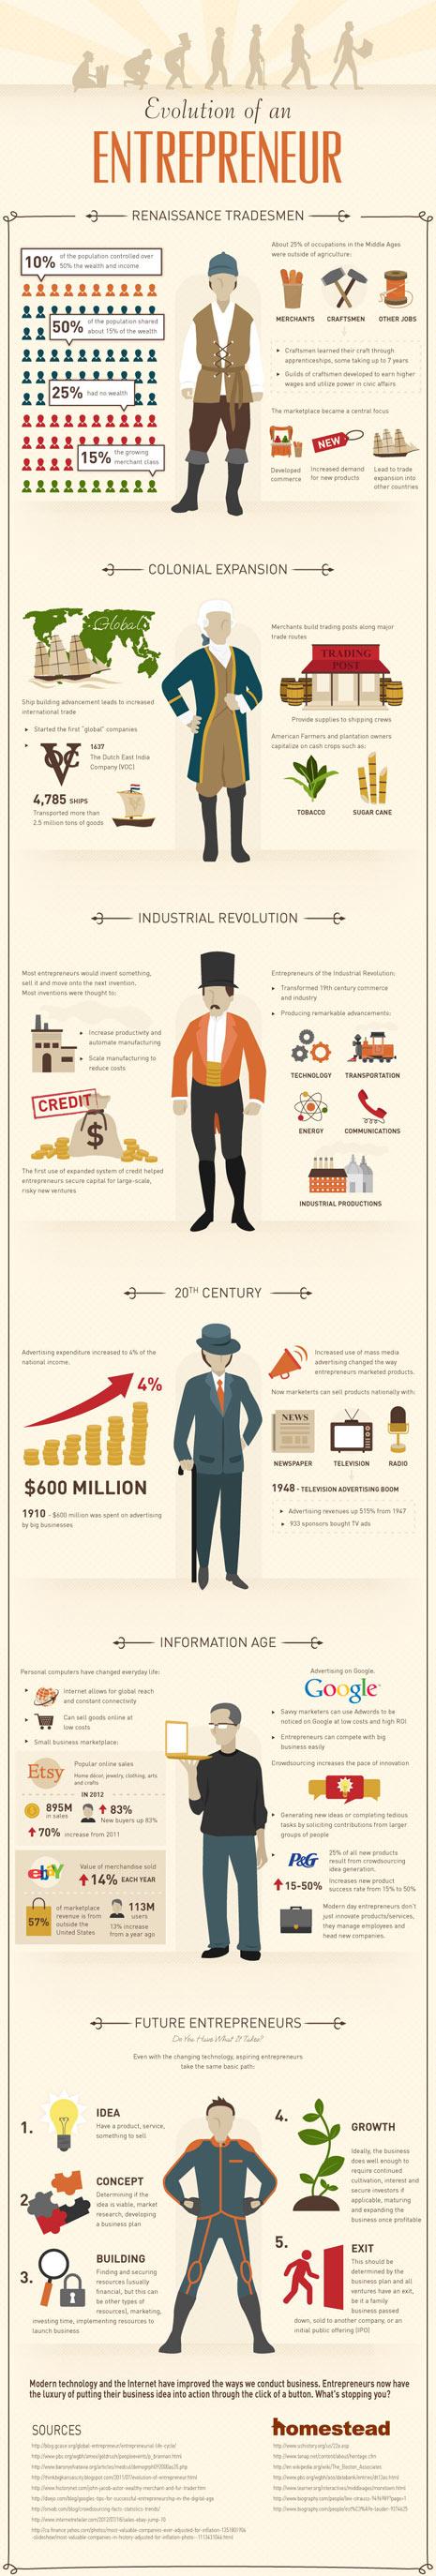 La evolución del empresario: desde el comerciante renacentista hasta el emprendedor del futuro